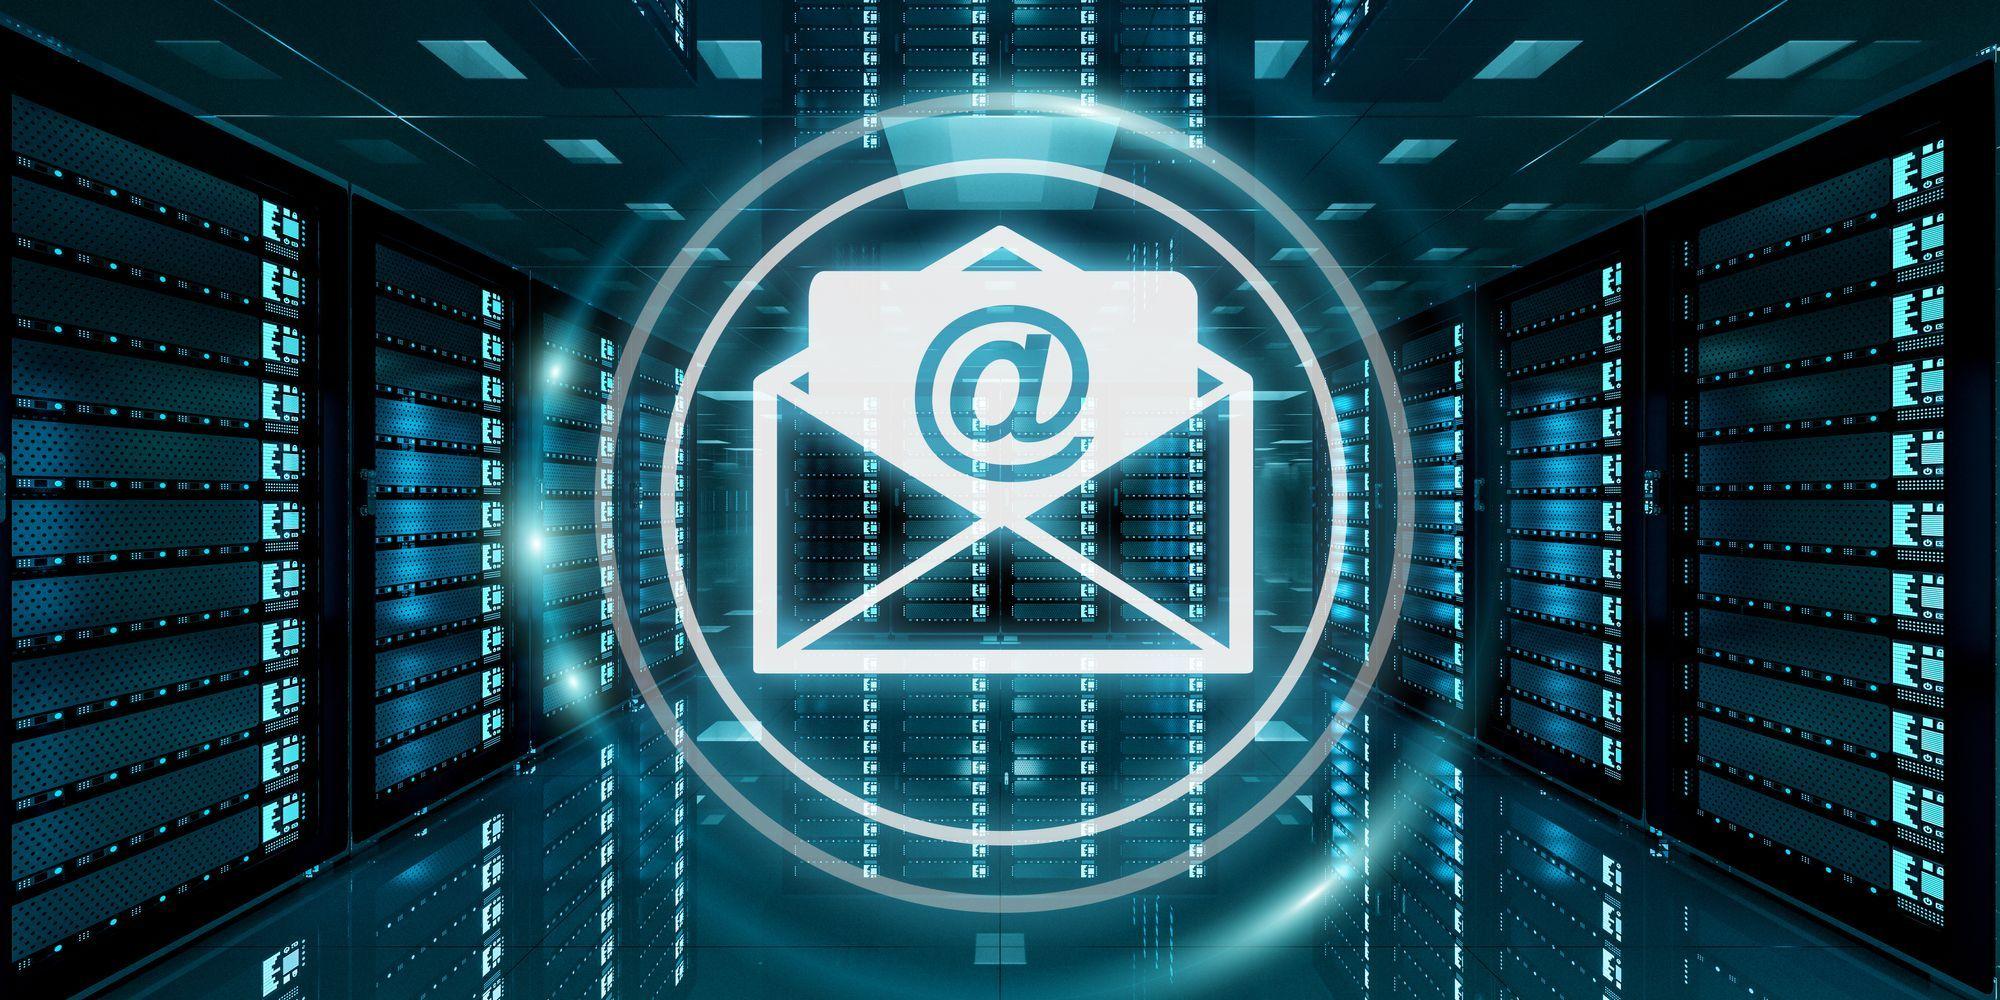 Eigen mailserver opzetten met Modoboa